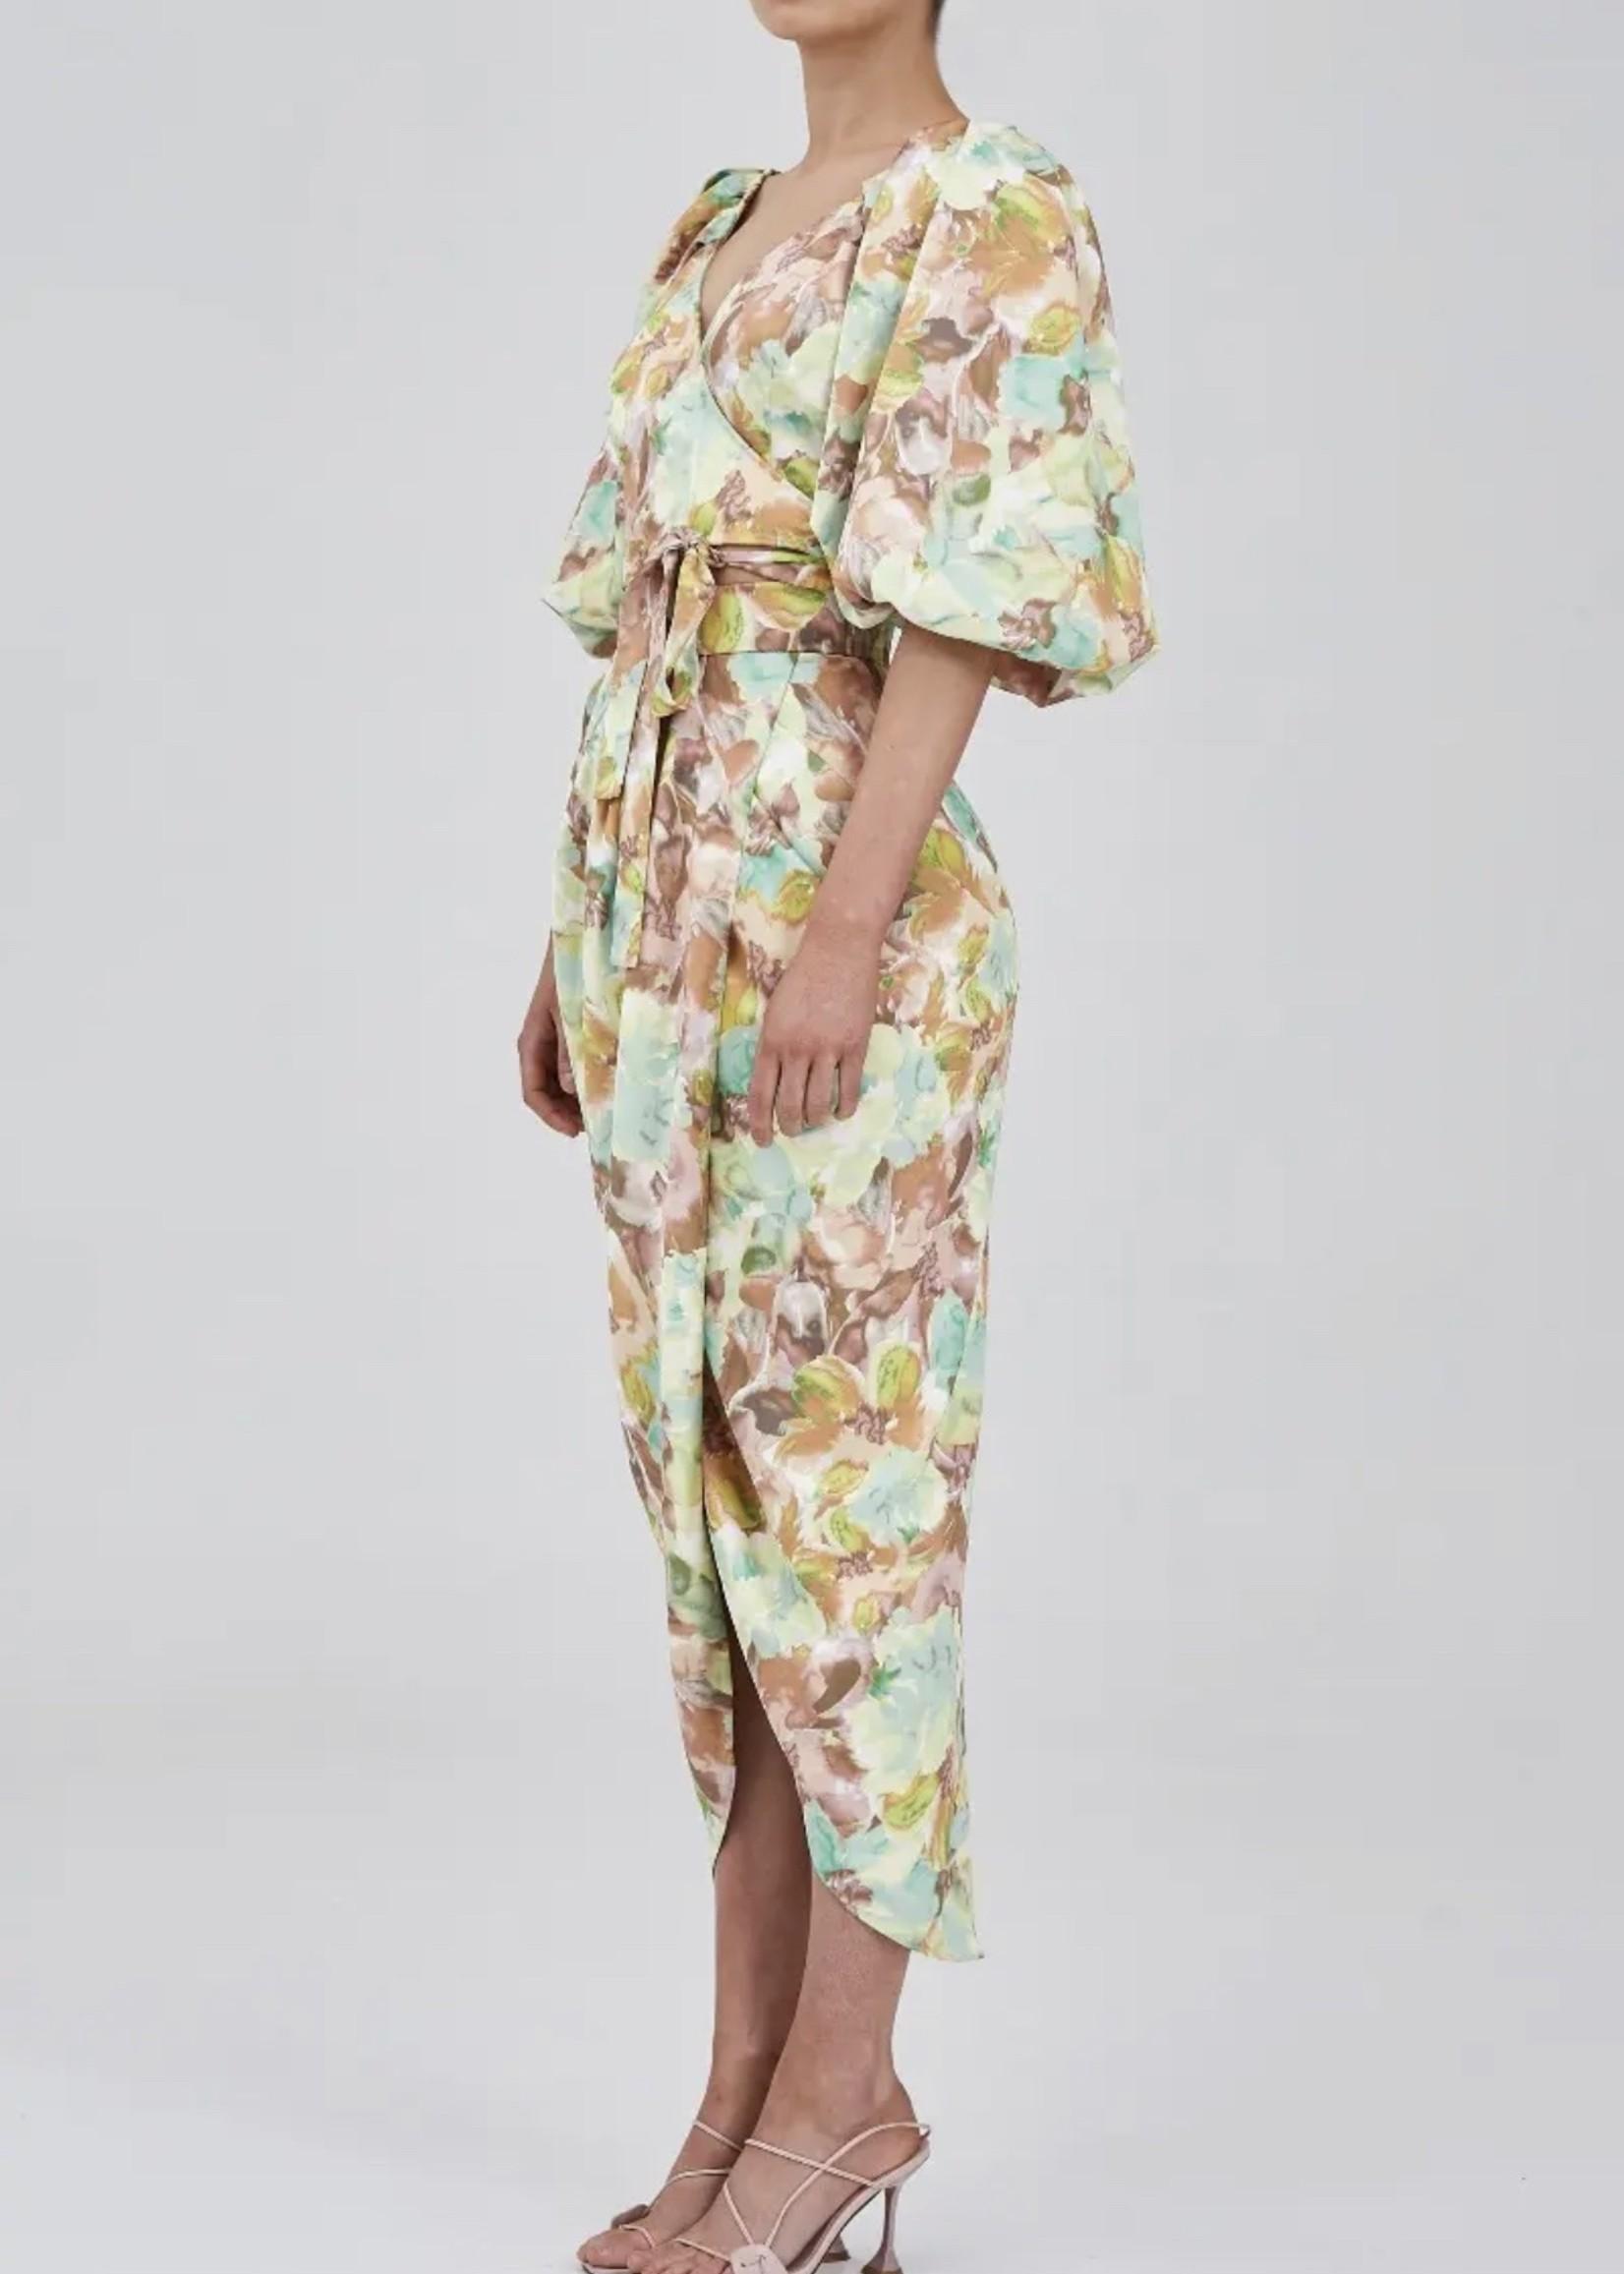 Elitaire Boutique Resolve Watercolor Skirt